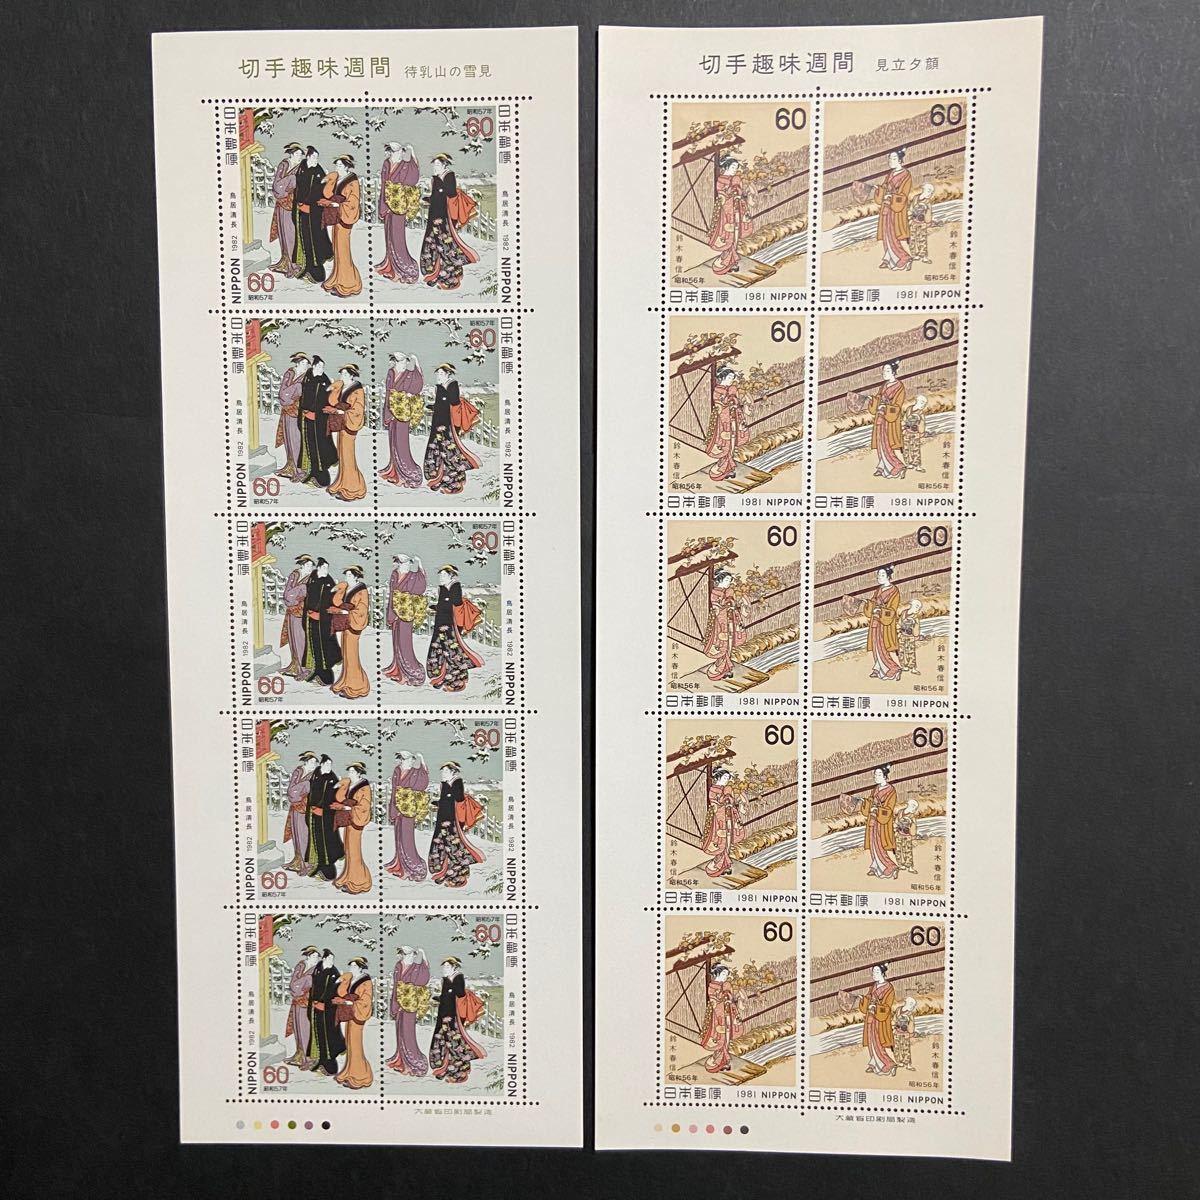 切手 シート 切手趣味週間 16シート